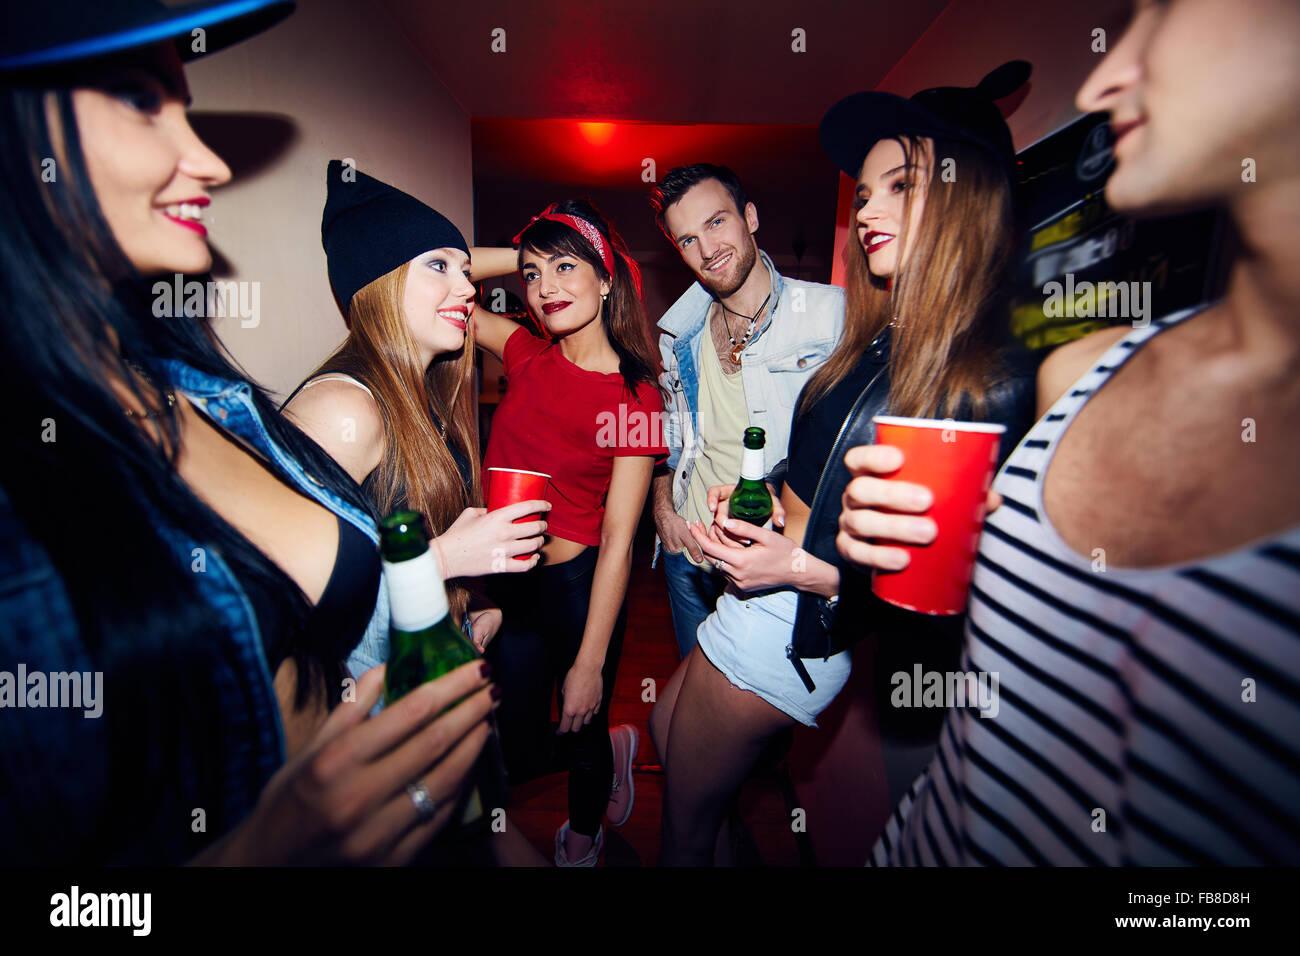 Stilvolle Jugendliche mit Getränken sammeln in der Bar Stockbild